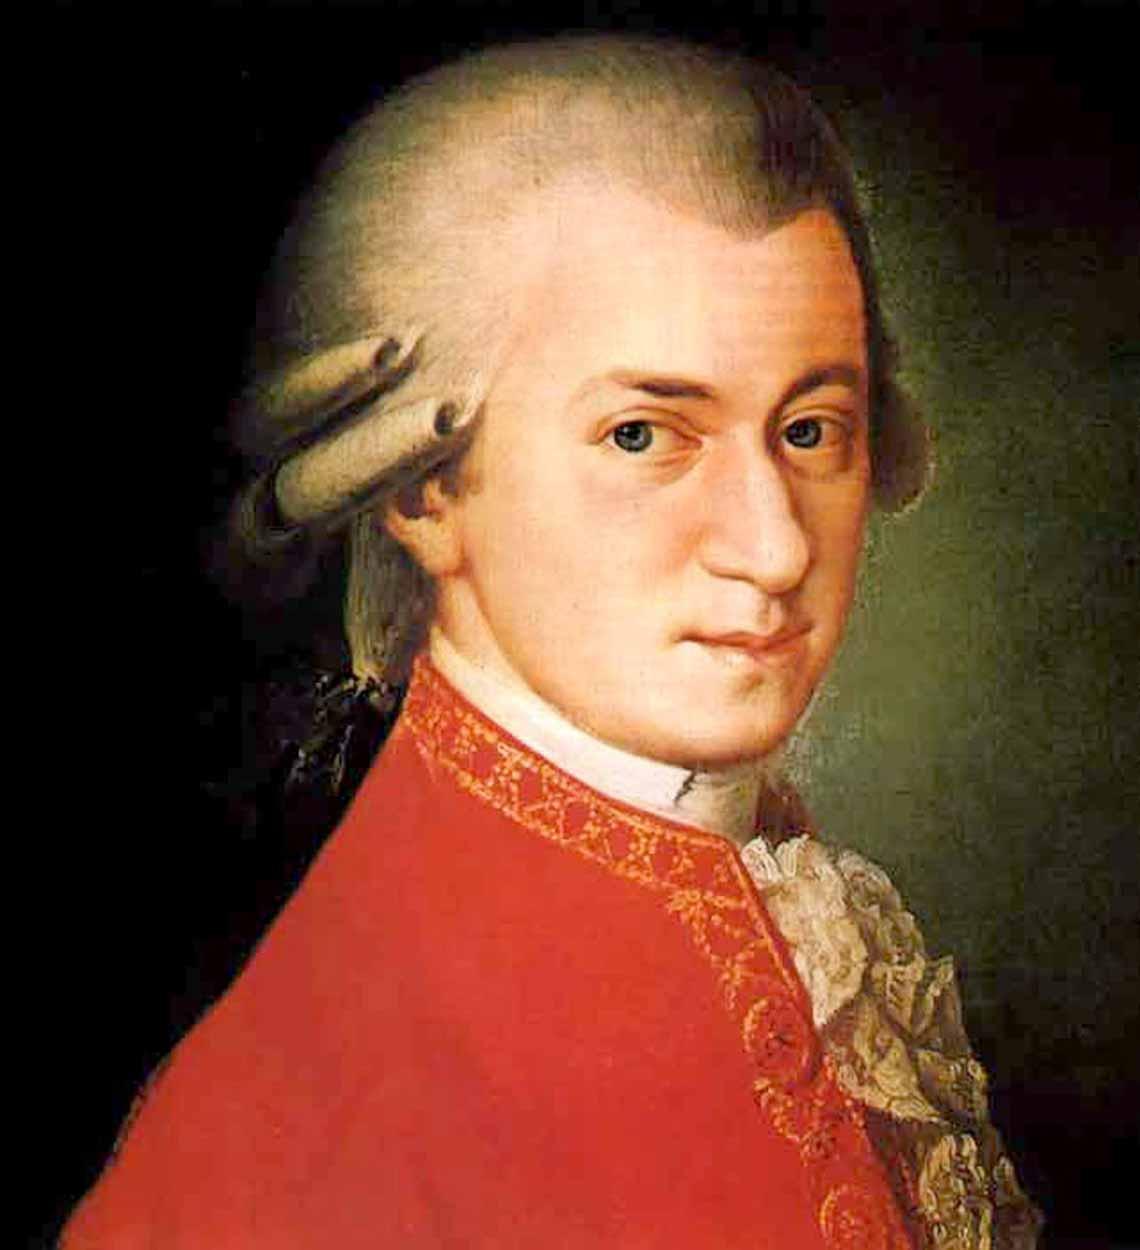 Thăm nhà lưu niệmnhạc sĩ thiên tài Mozart -12